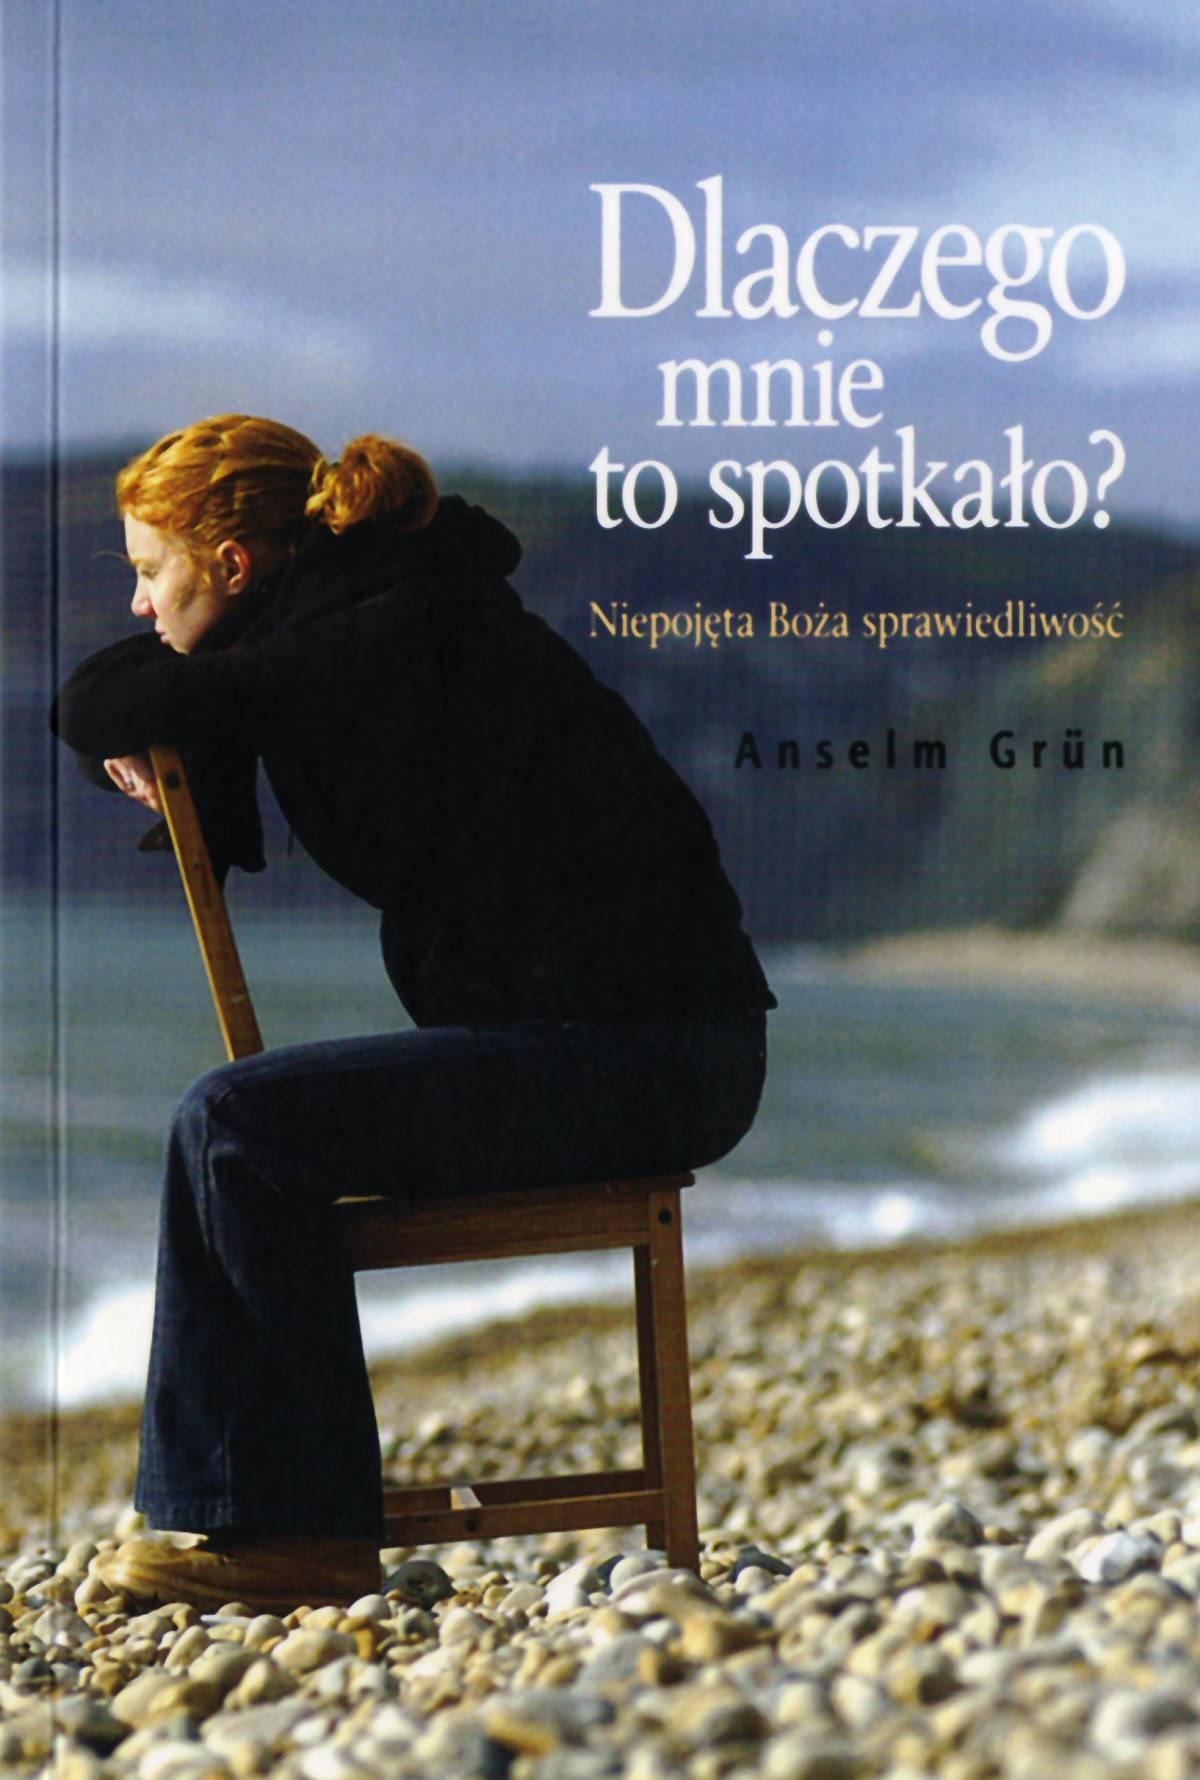 Dlaczego mnie to spotkało? - Ebook (Książka na Kindle) do pobrania w formacie MOBI